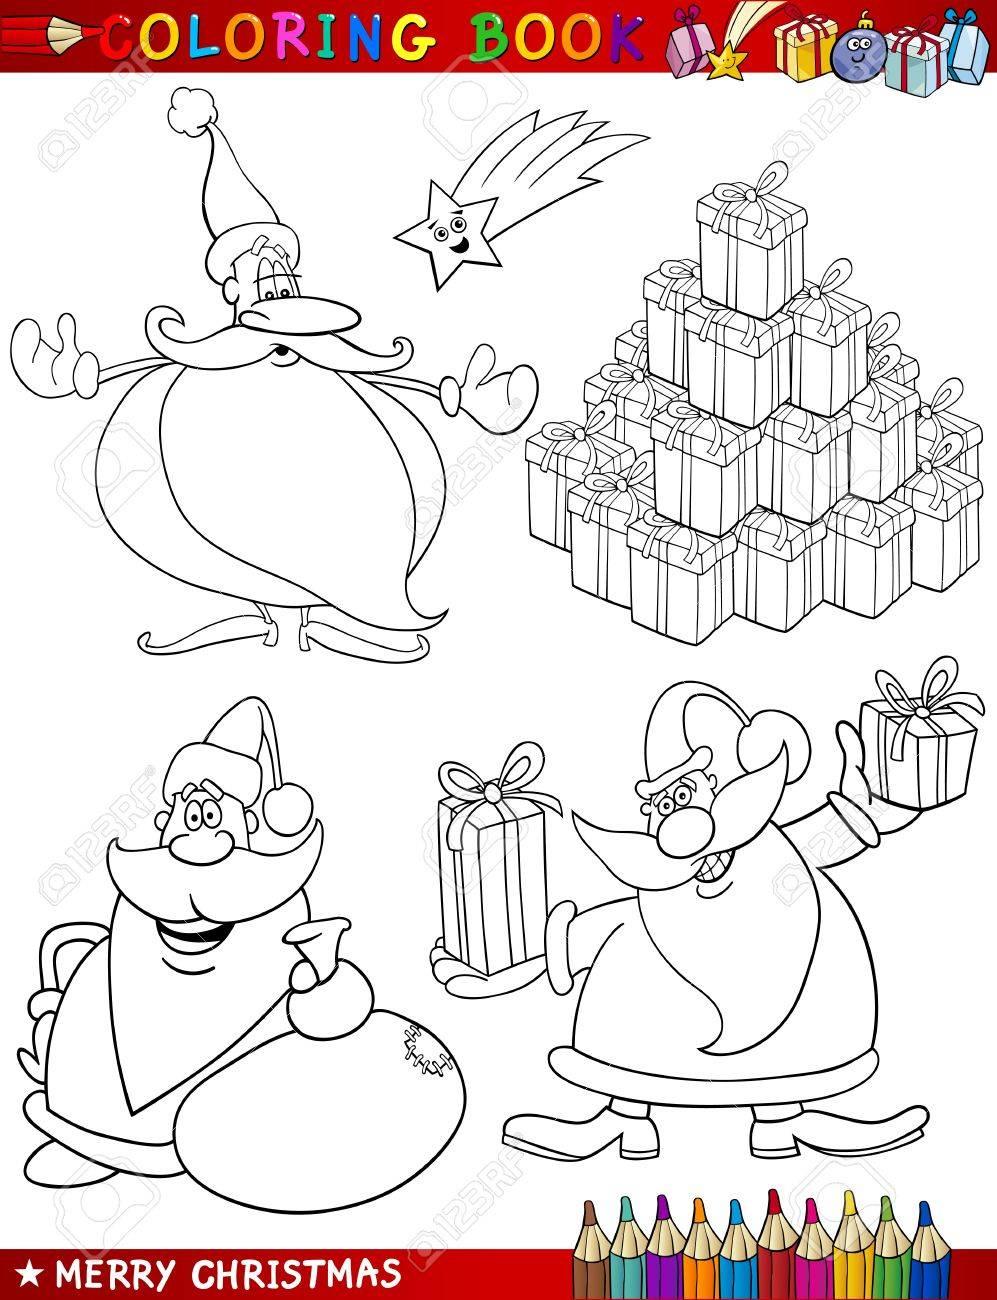 Encantador Papá Noel Para Colorear Páginas Para Niños Foto - Dibujos ...